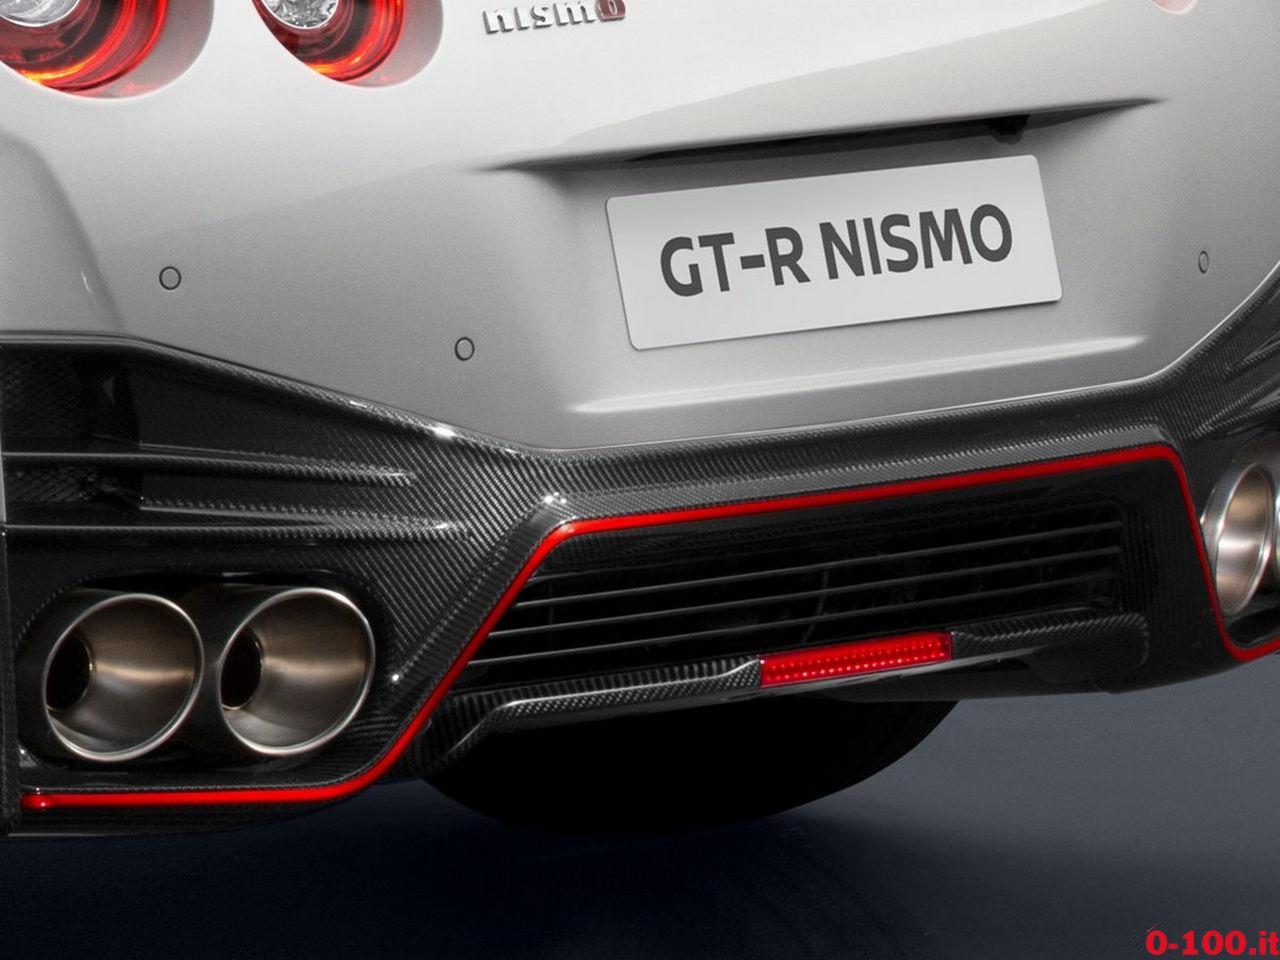 nissan_GT-R-nismo-model-year-2017_0-100_18